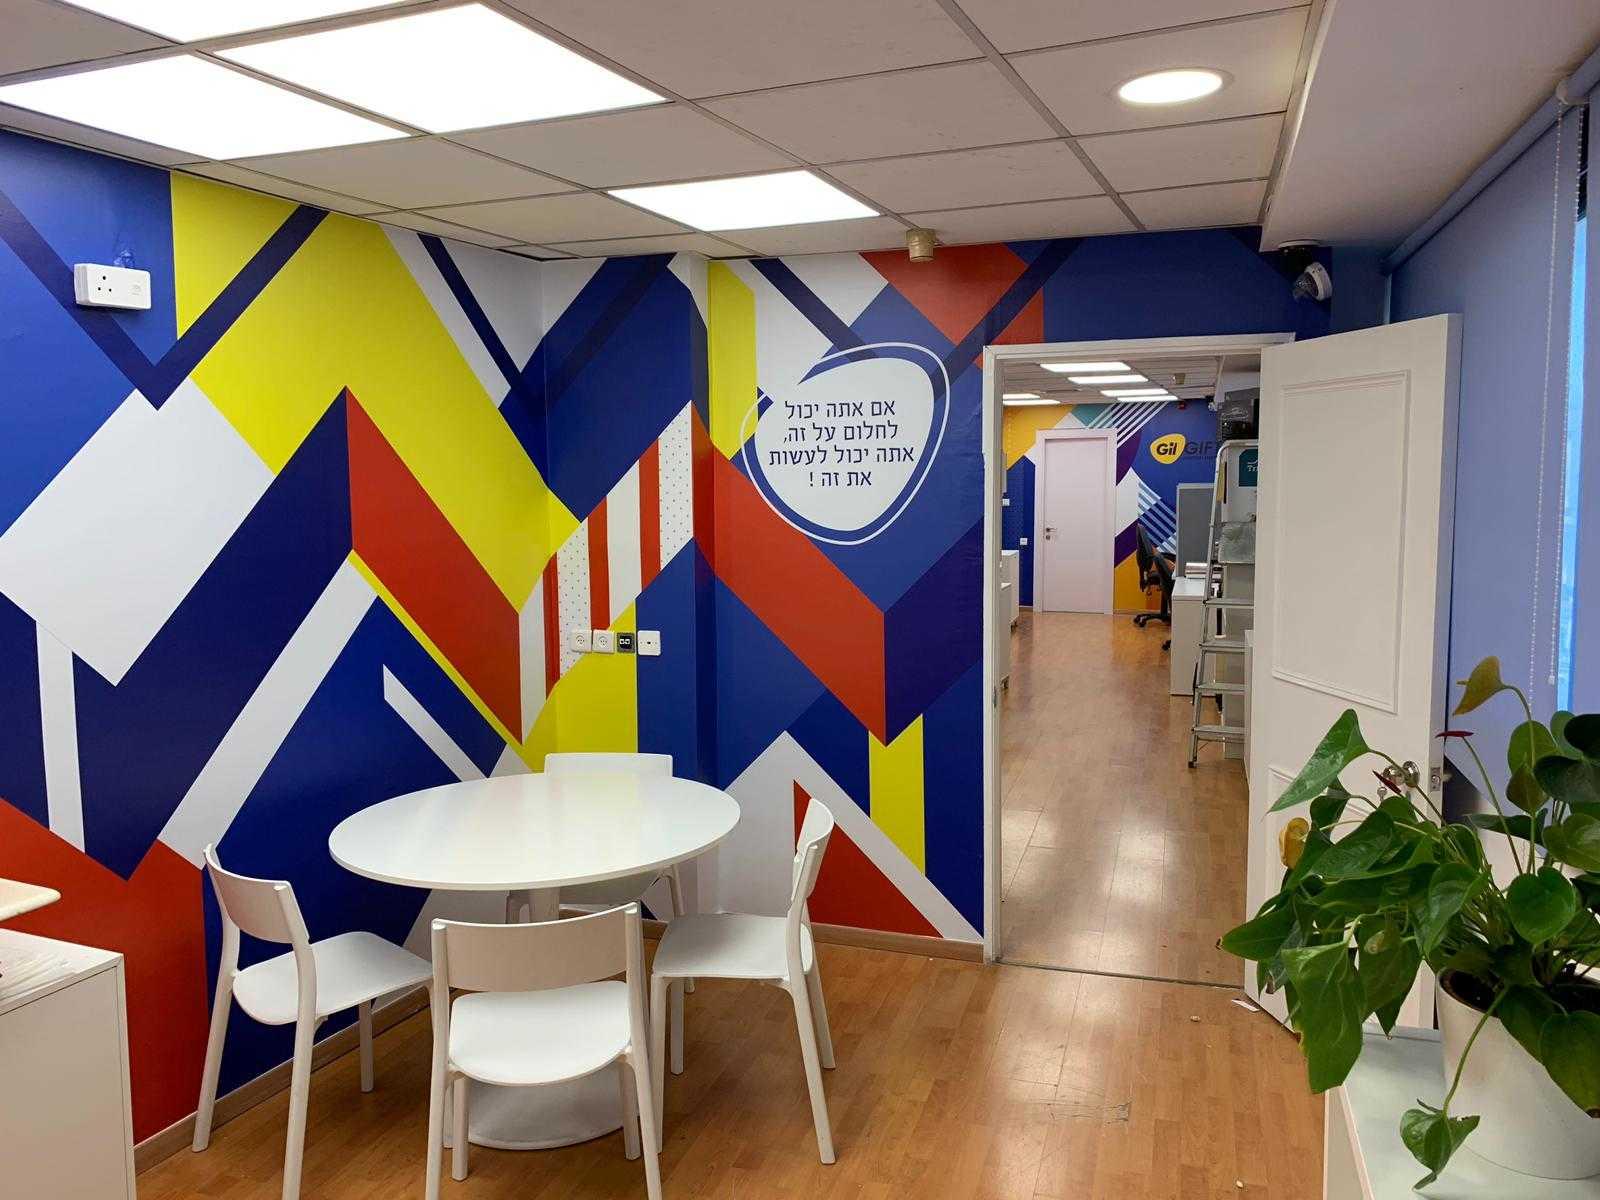 עולים קומה ומתרחבים: קומה שלישית למשרדי גיל גרופ 3